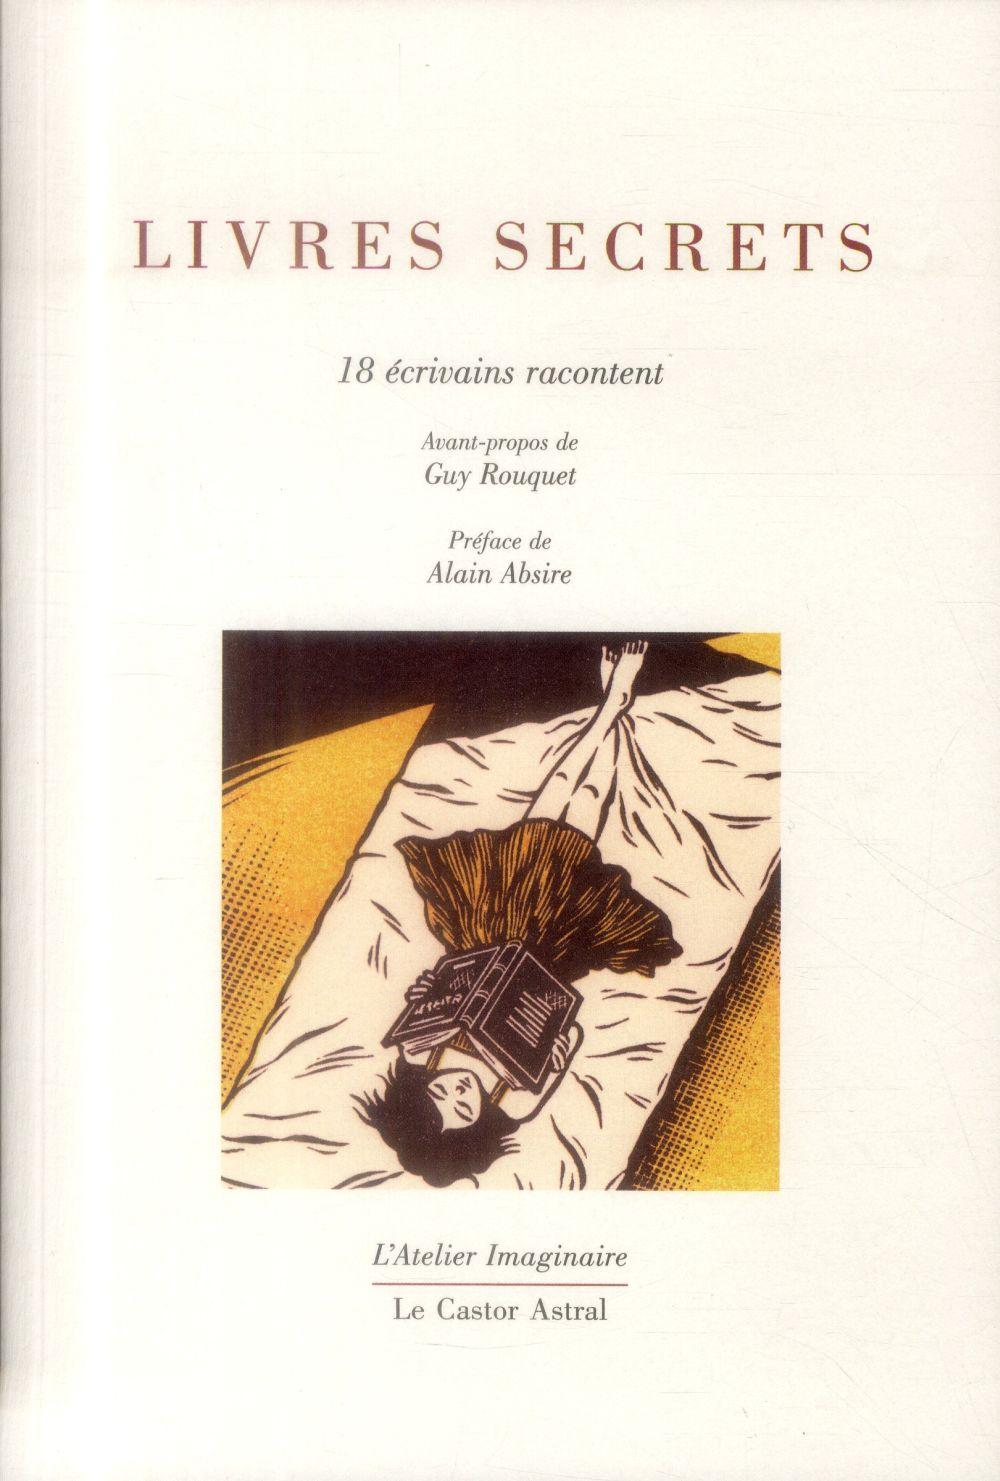 LIVRES SECRETS - 18 ECRIVAINS RACONTENT